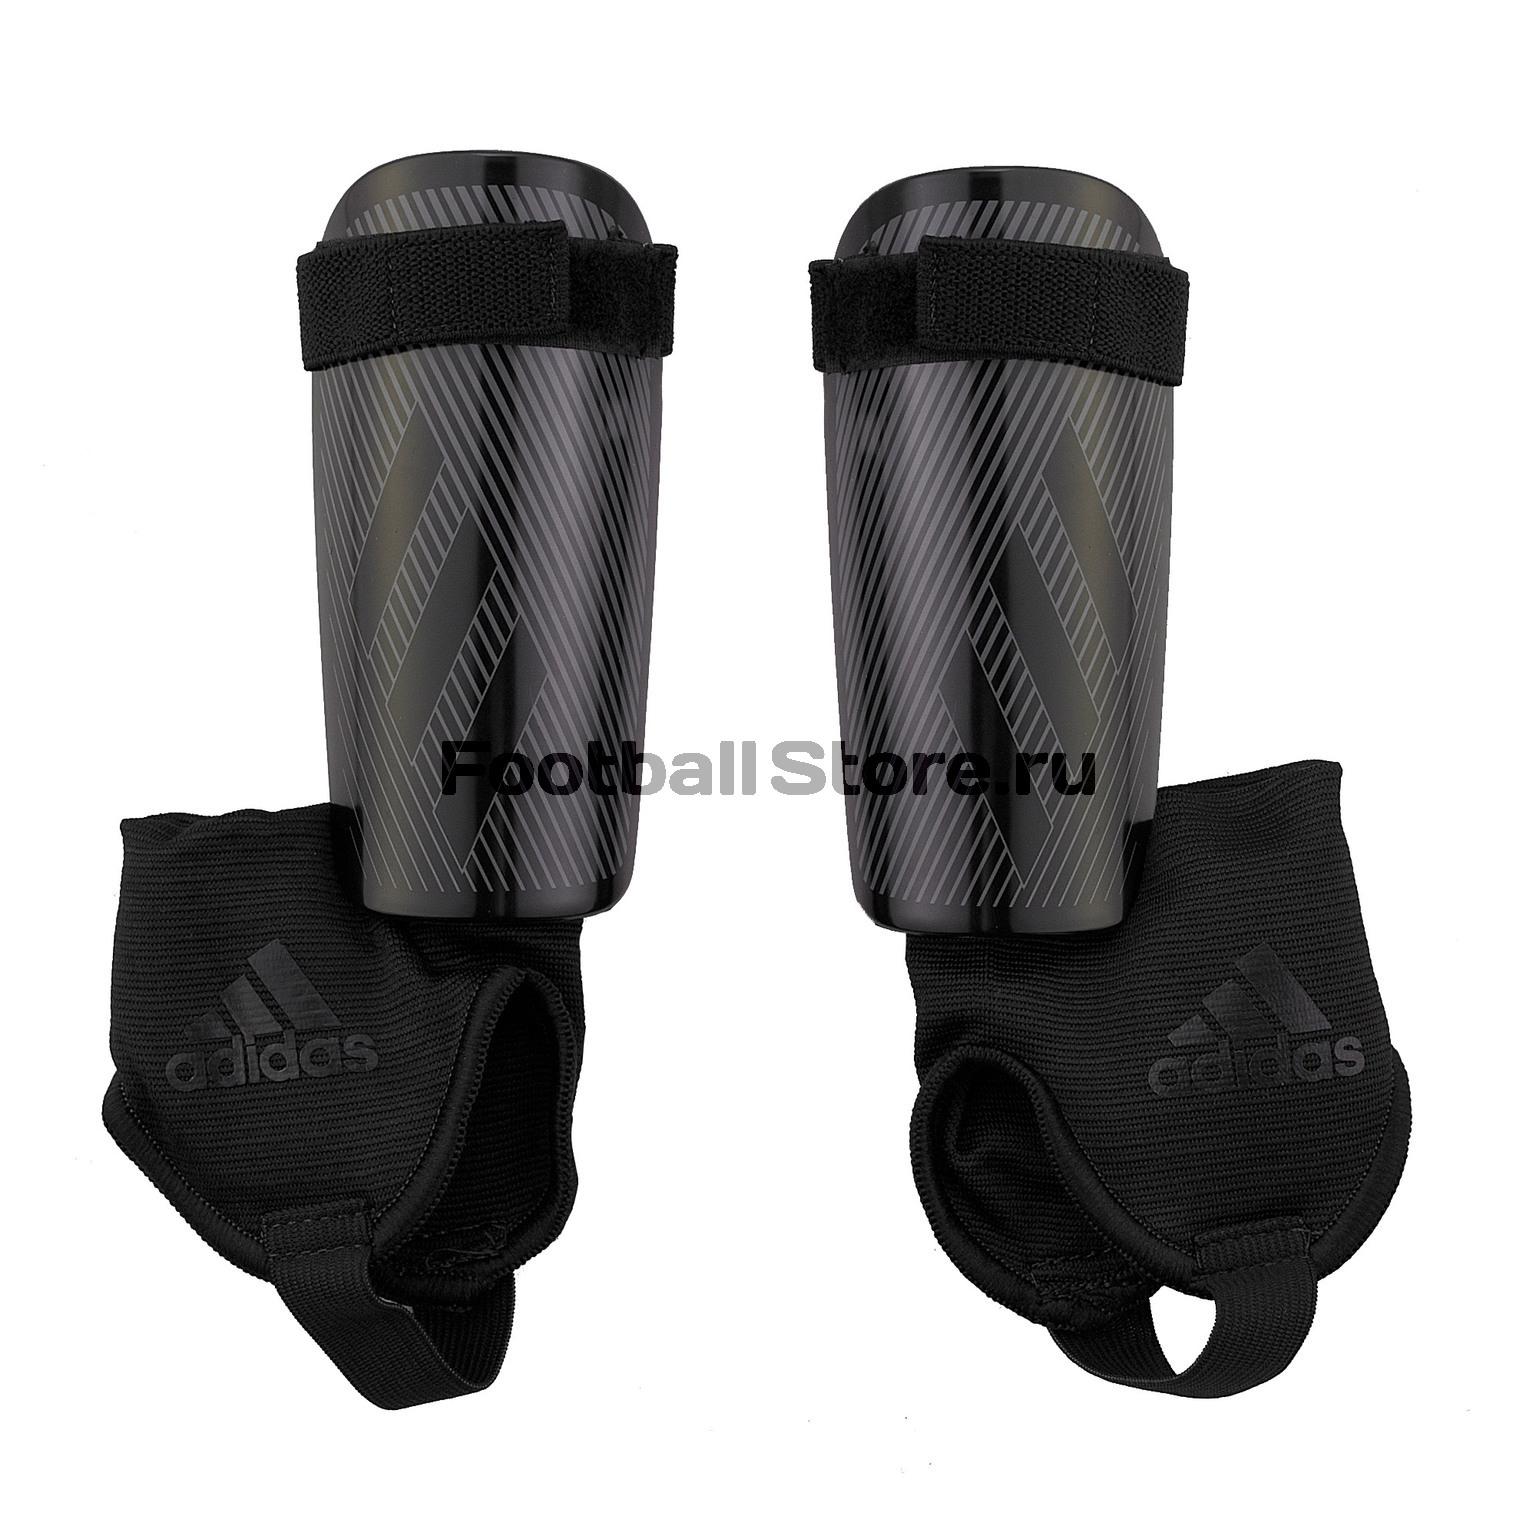 Щитки детские Adidas X Youth DY2585 щитки футбольные adidas x lesto dy2578 серебристый размер m